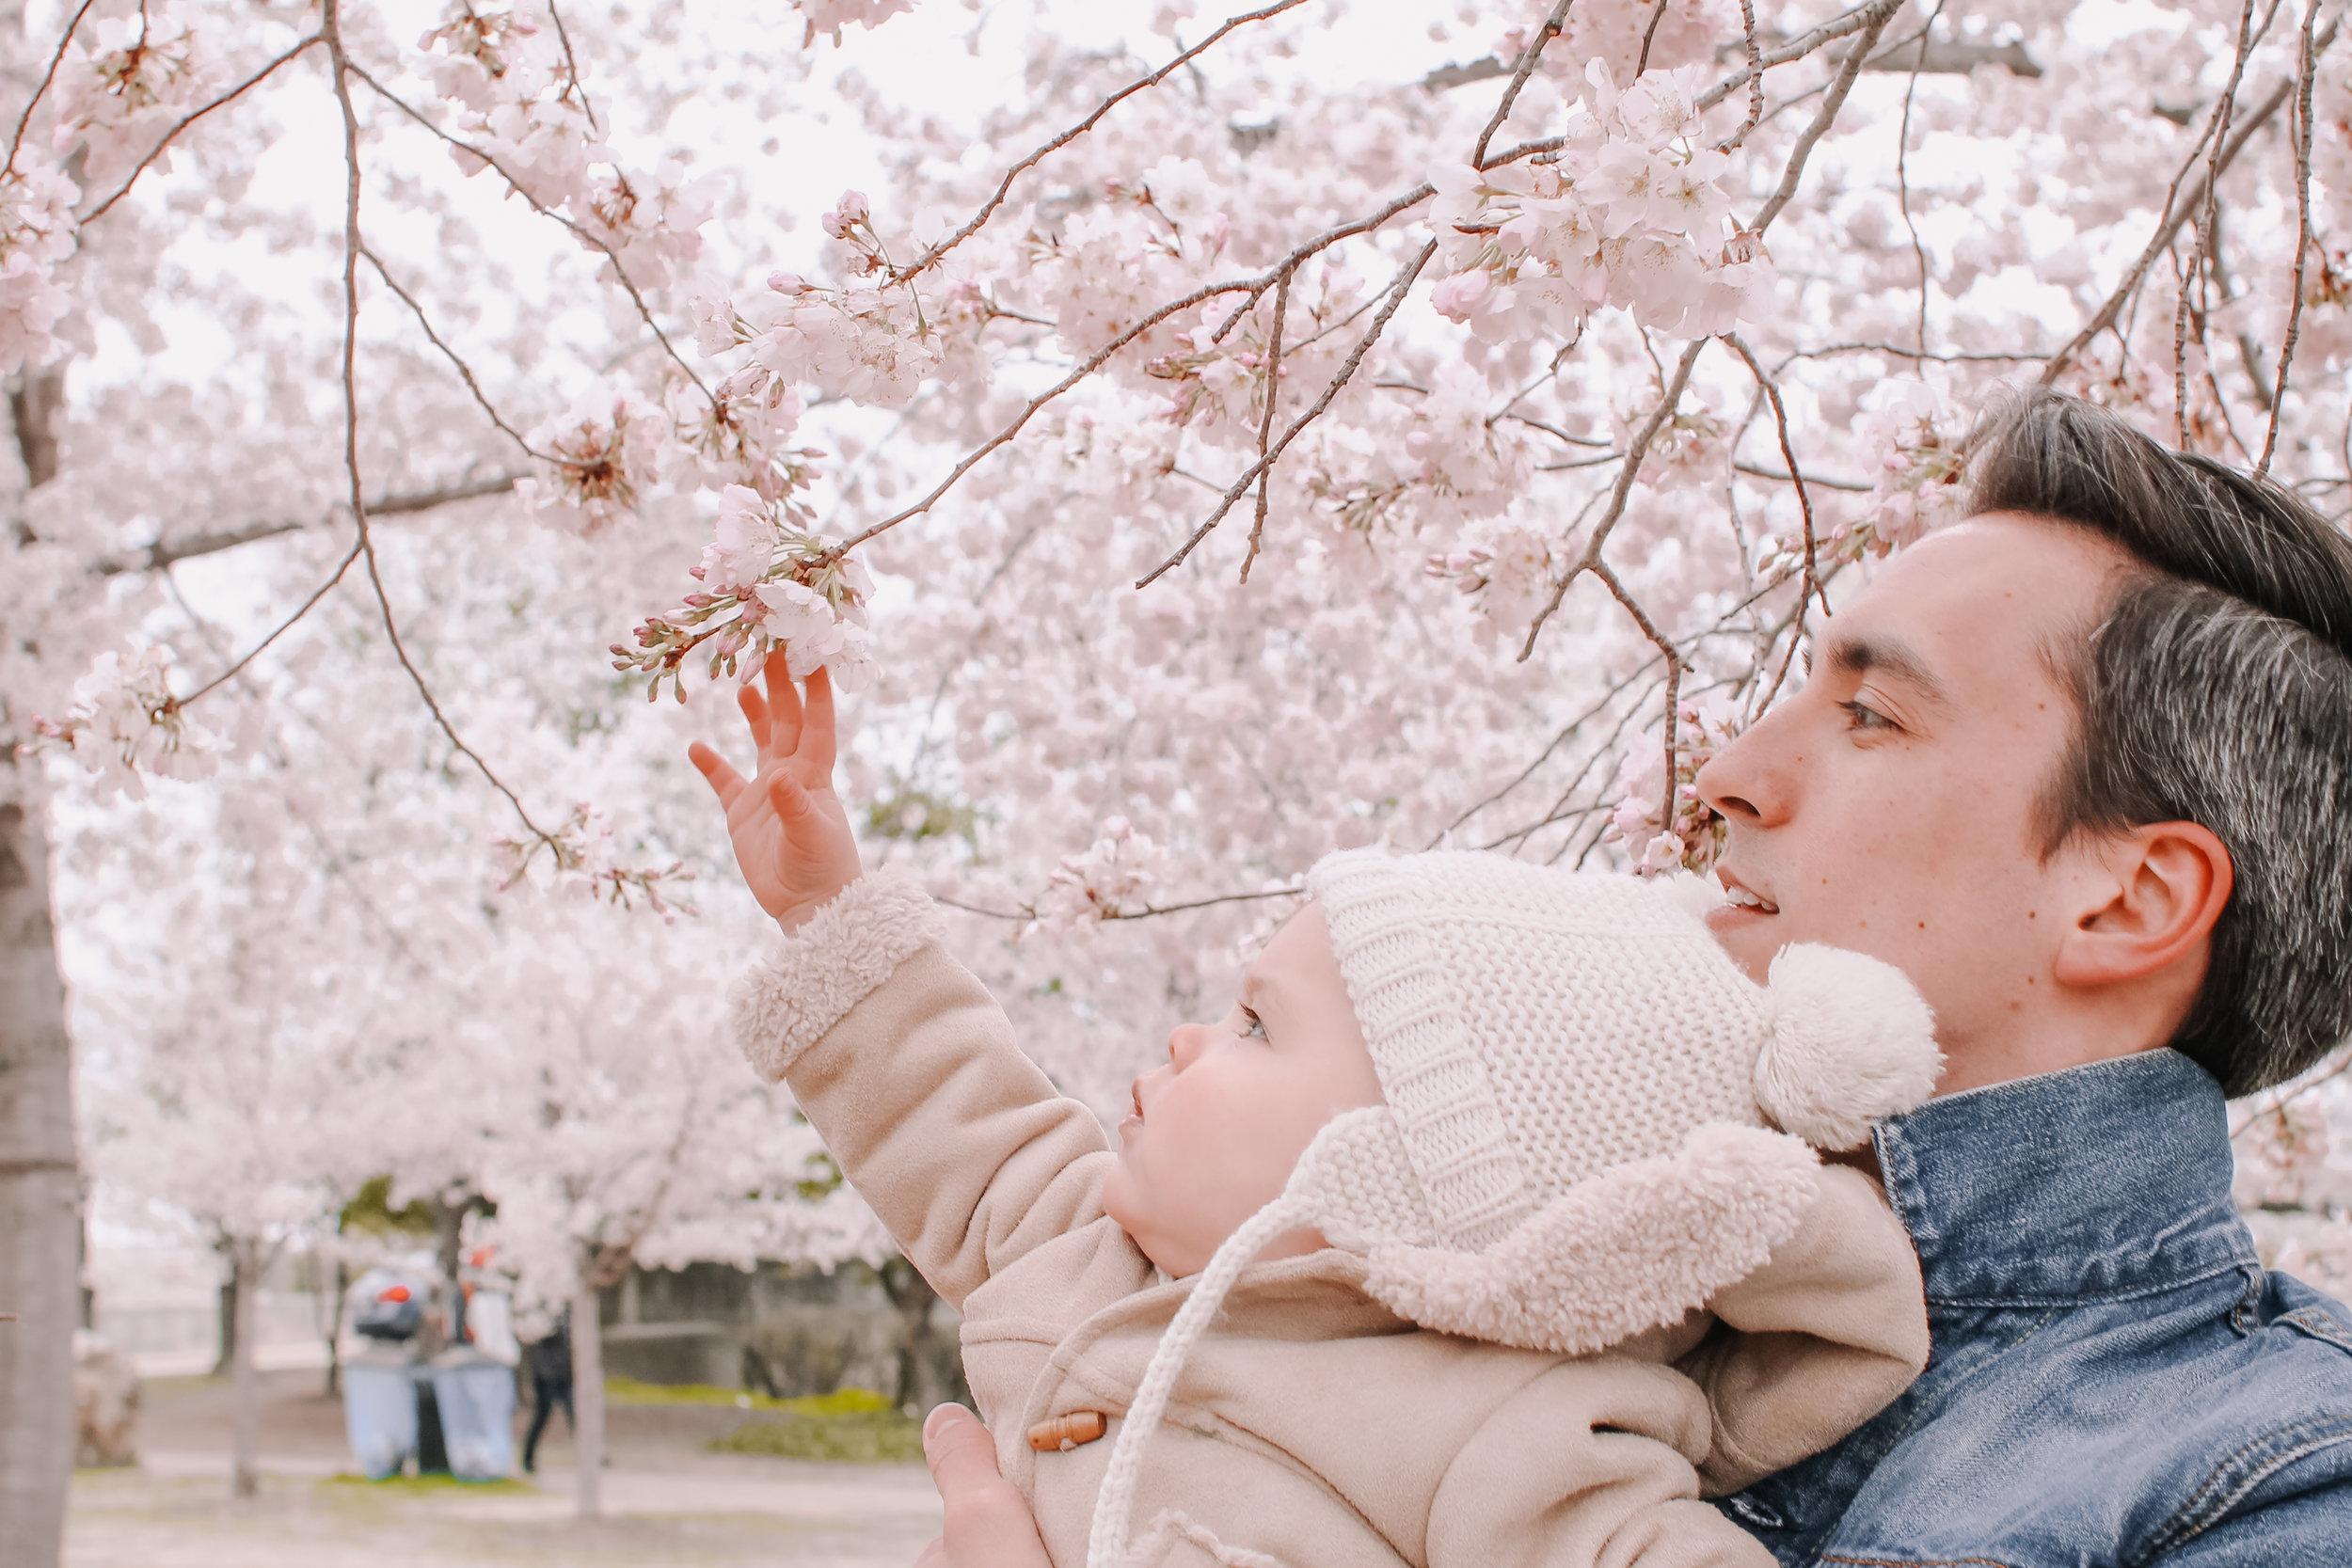 cherryblossoms12.jpg